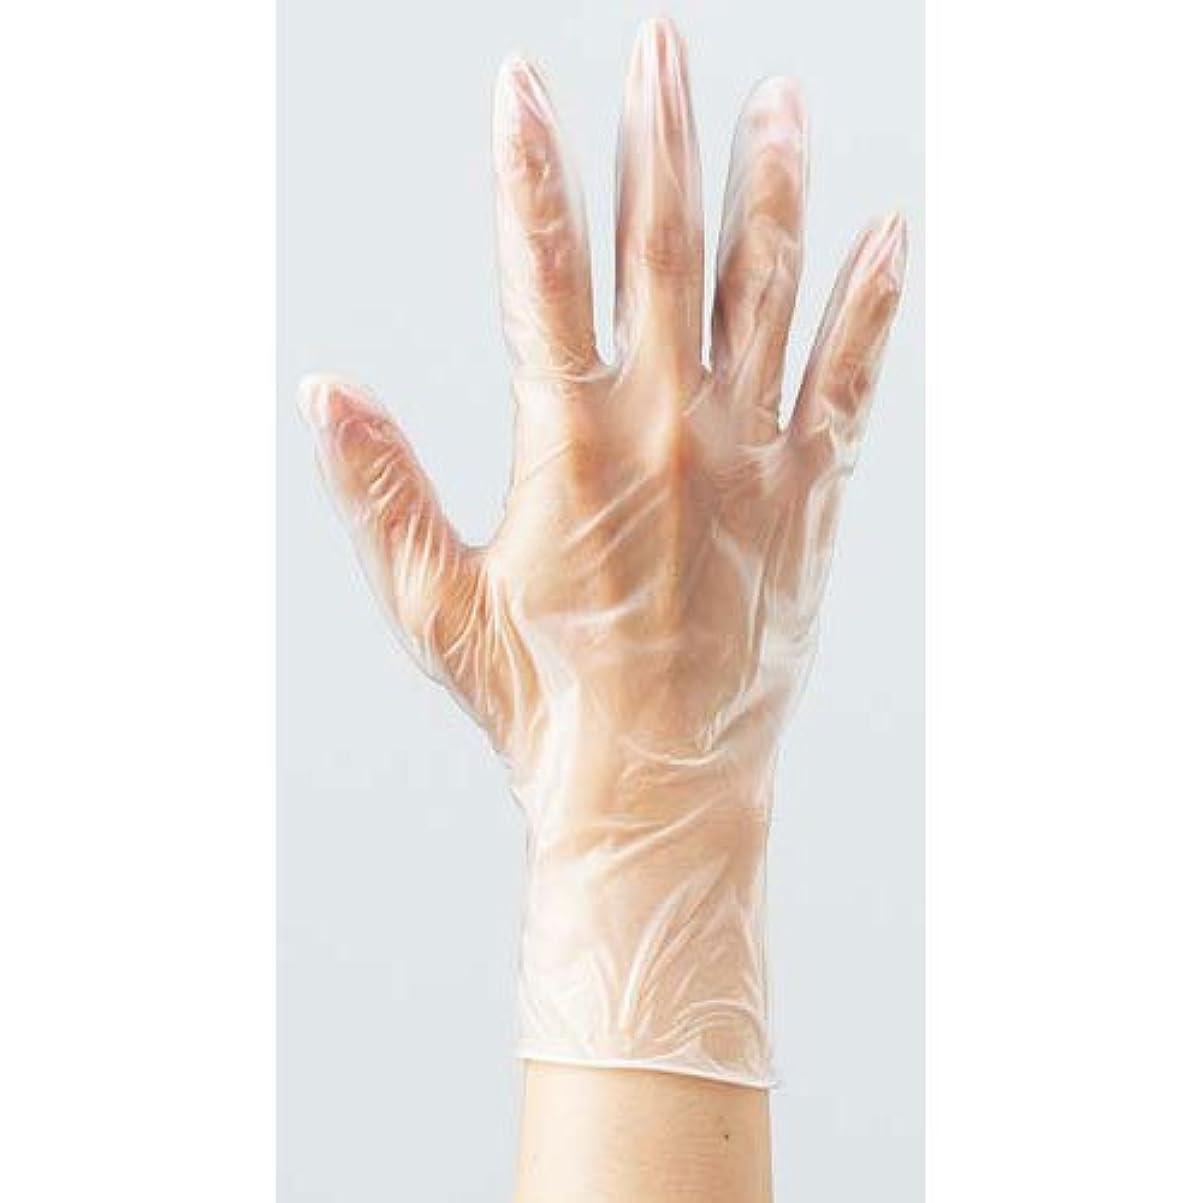 サラダシャー回想カウネット プラスチック手袋 袋入 粉無L 100枚